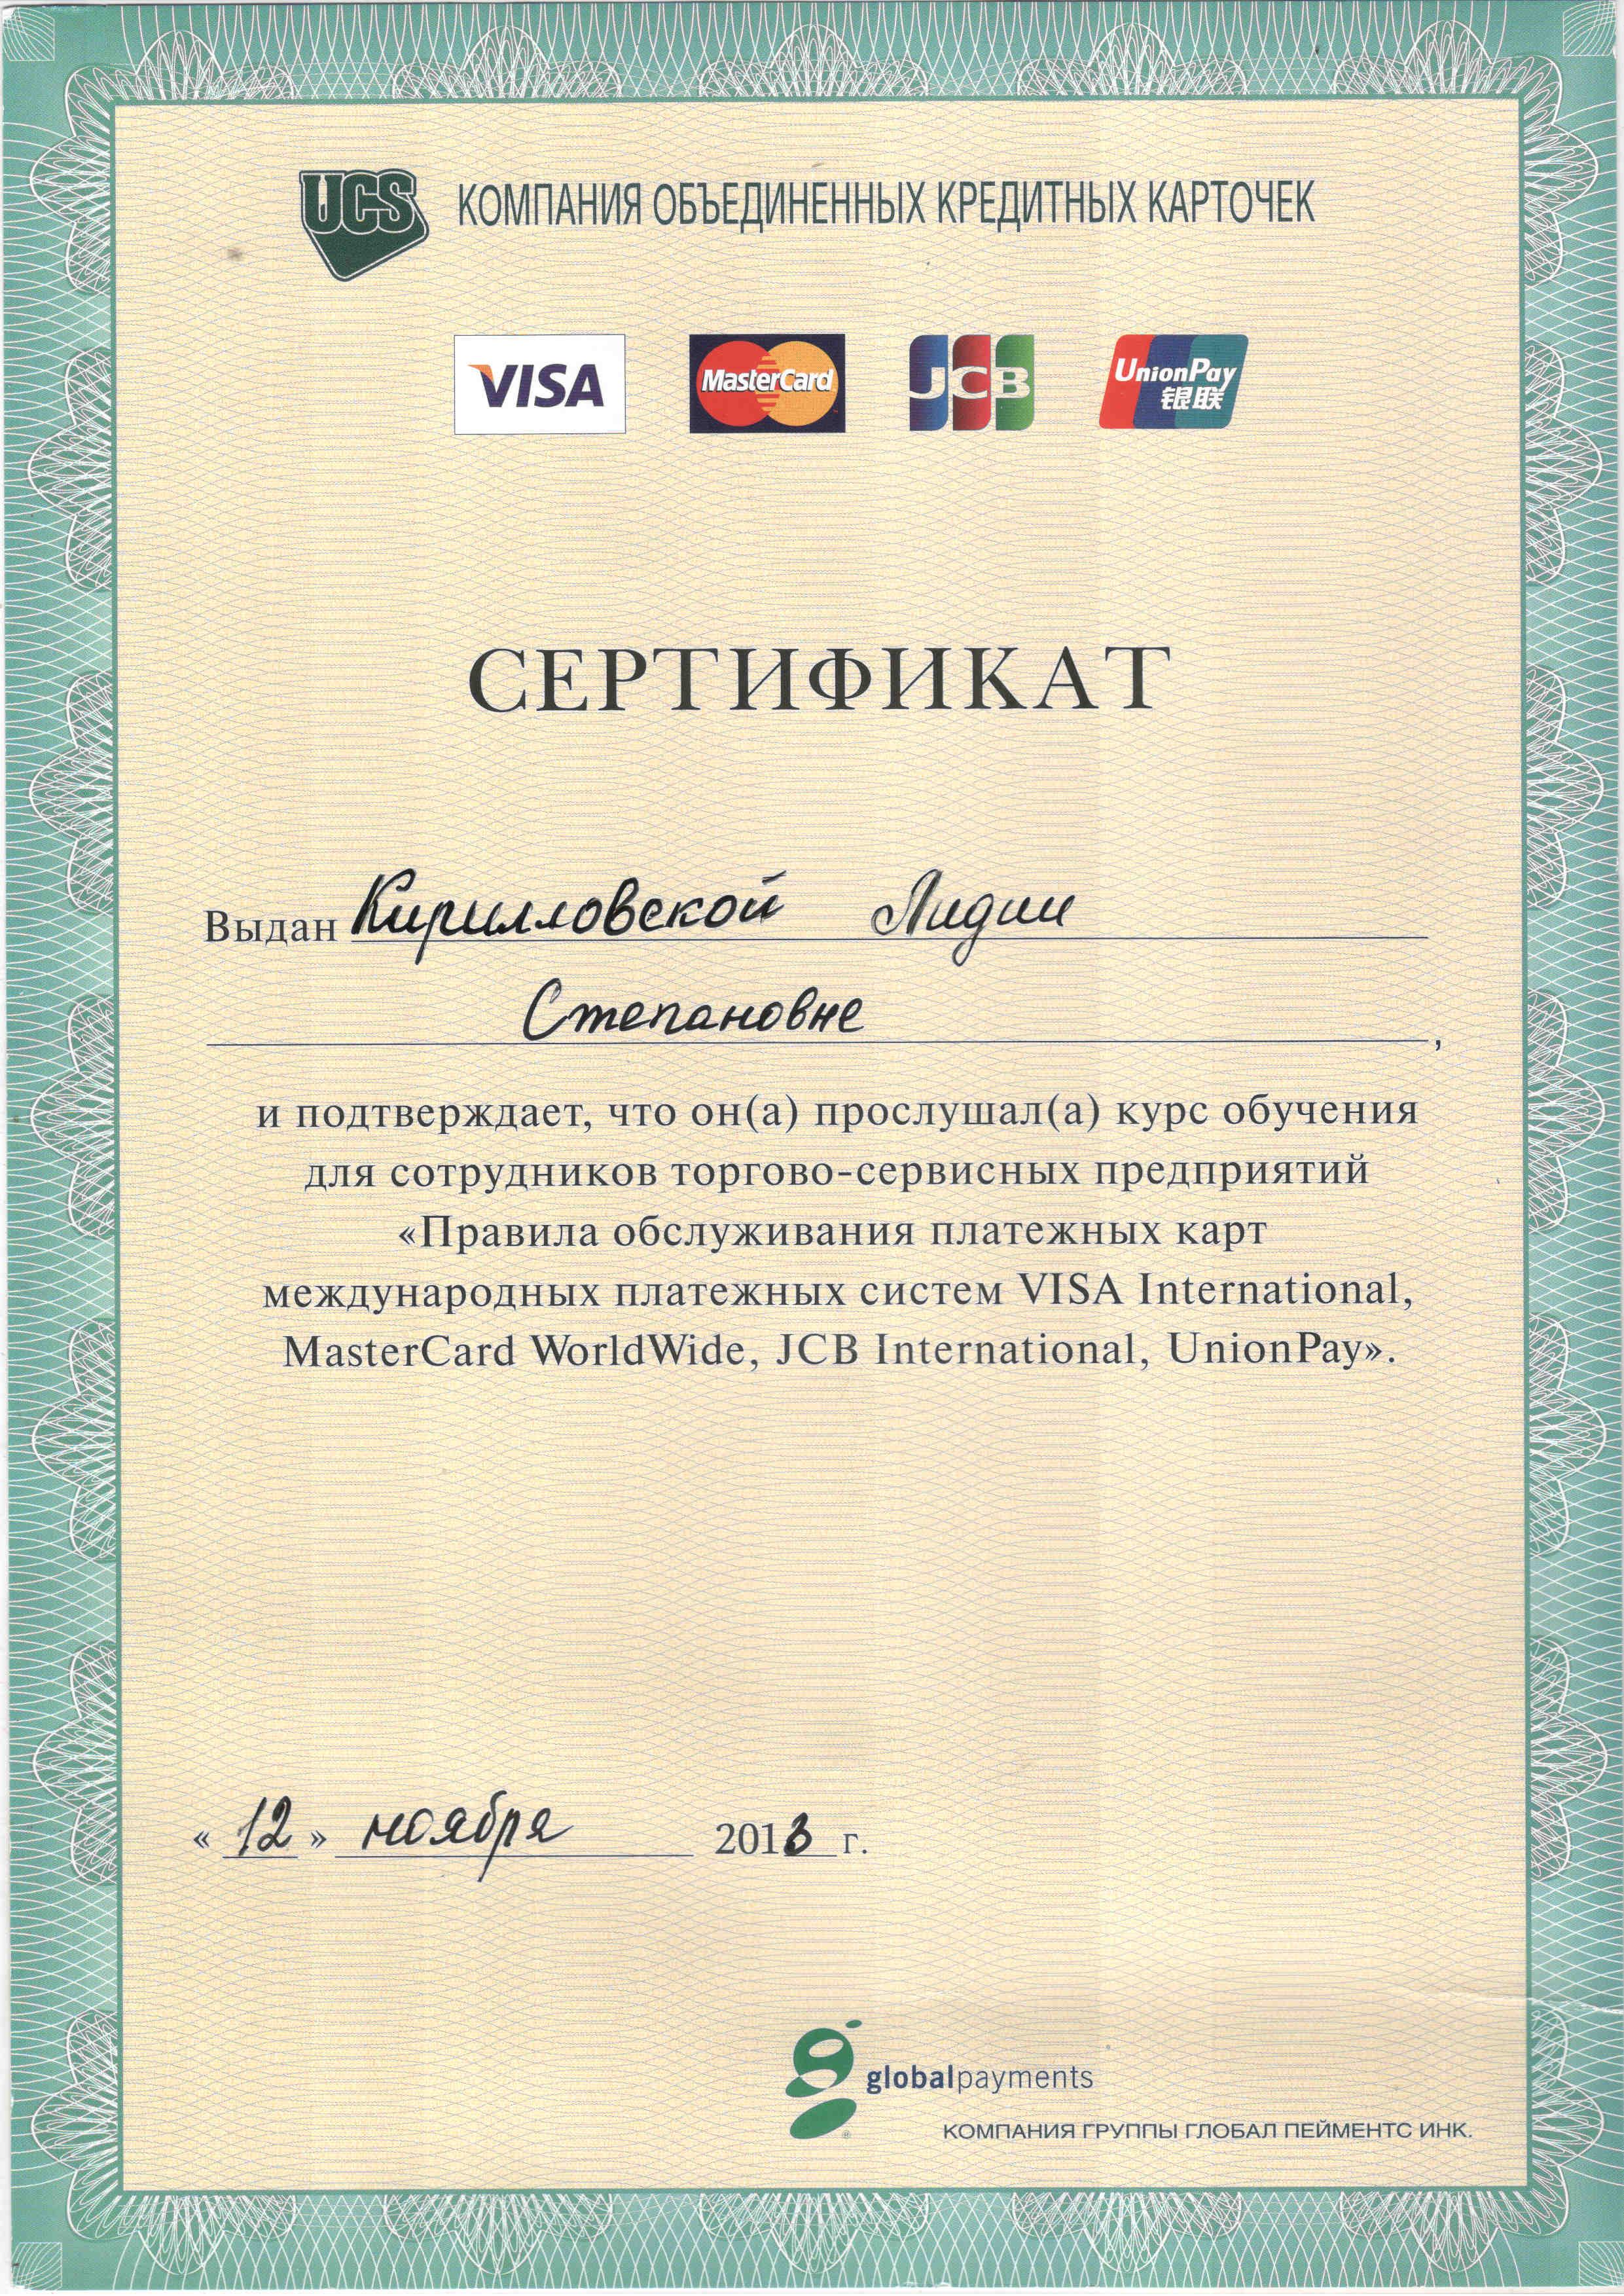 Сертификат прохождения правил обслуживания международных платежных систем Visa Mastercard